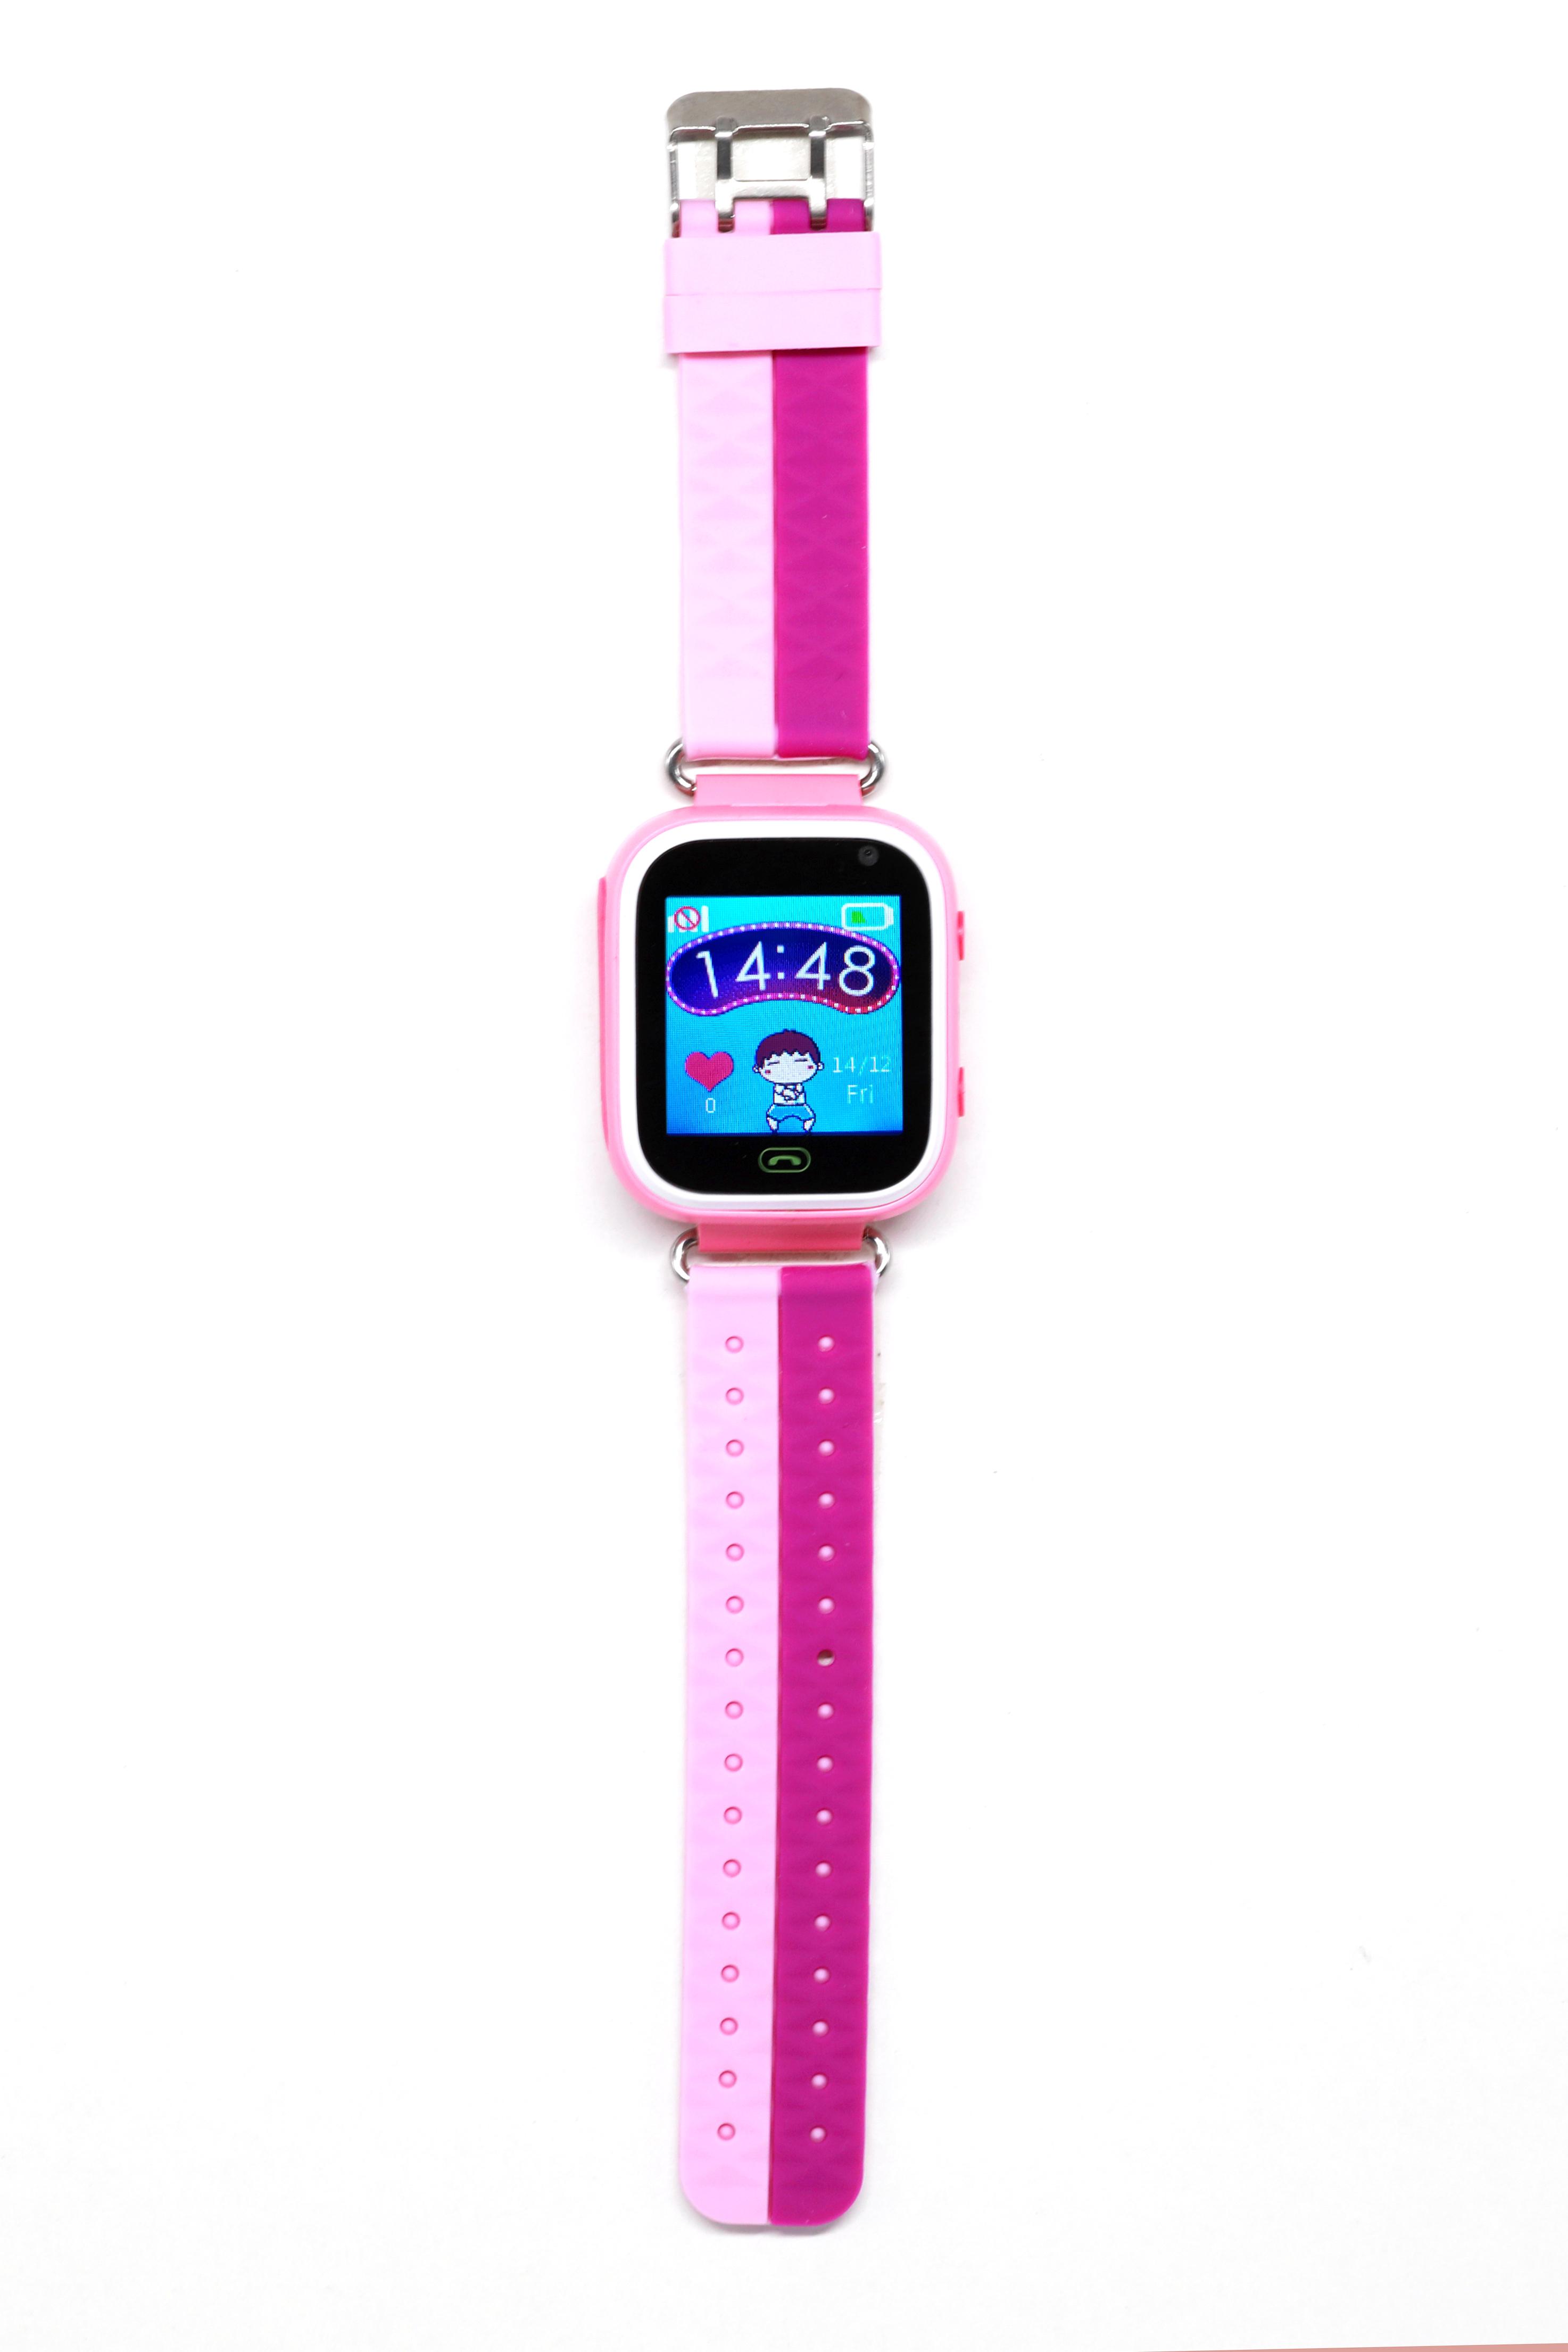 Đồng hồ định vị thông minh Vk24P